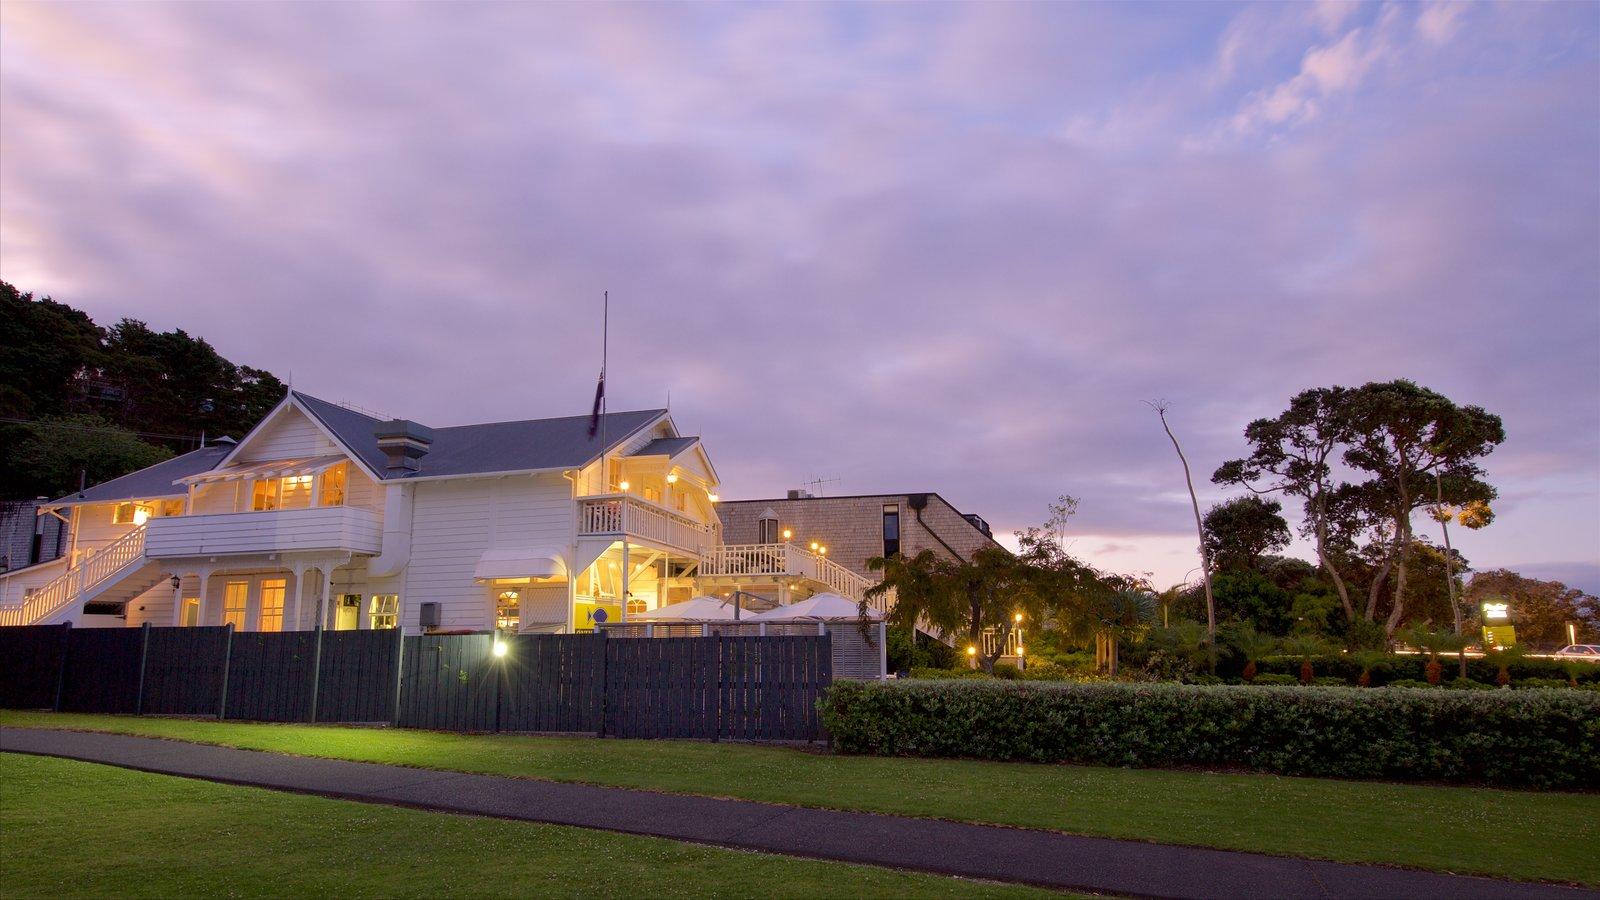 Paihia ofreciendo una casa y una puesta de sol